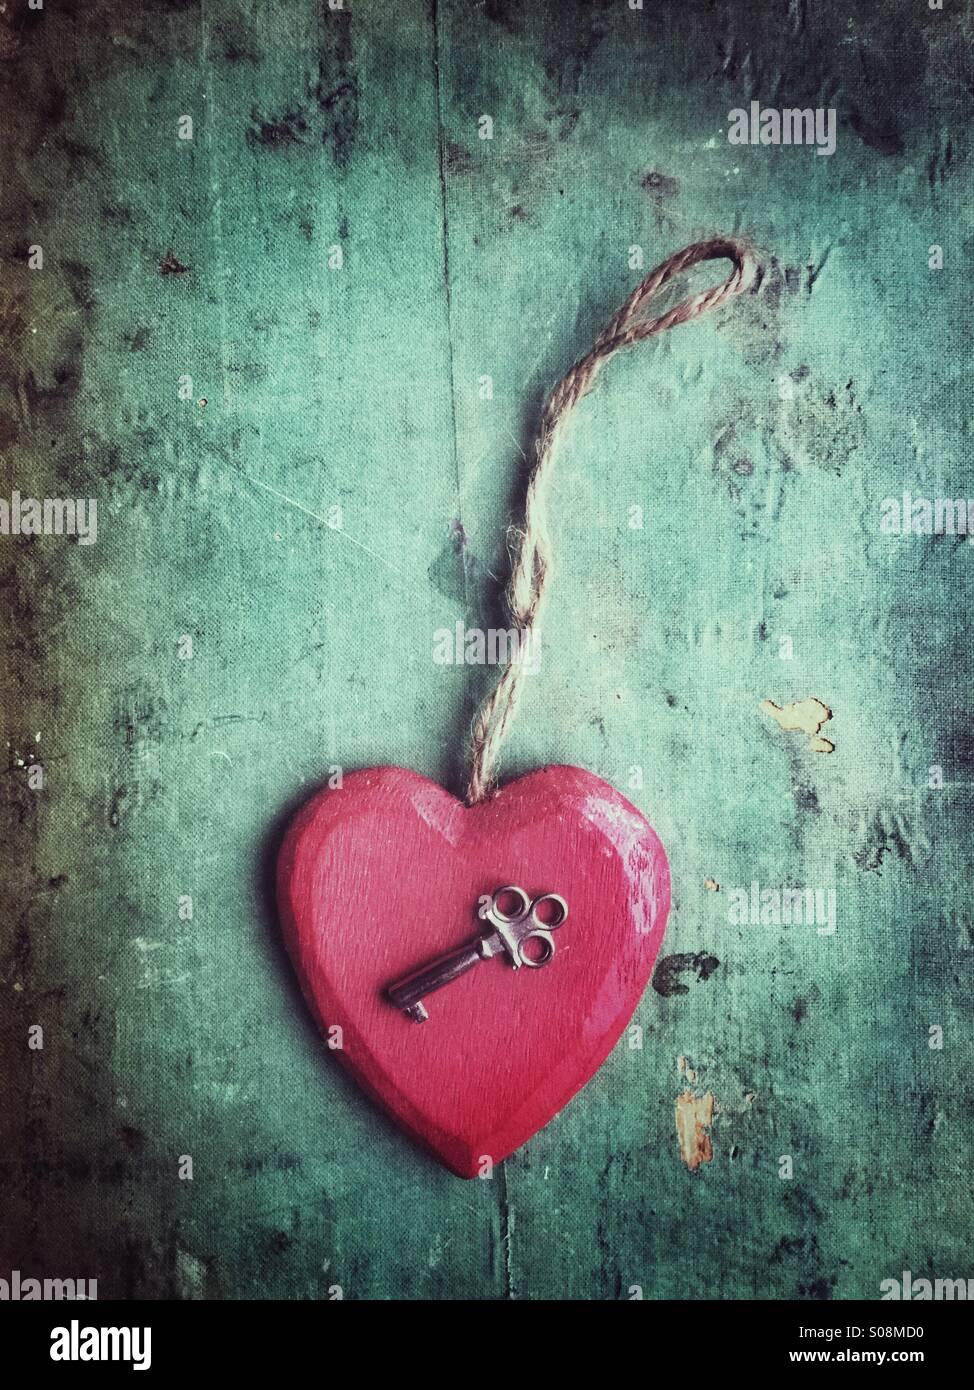 Rotes Herz aus Holz und einen Schlüssel Stockbild